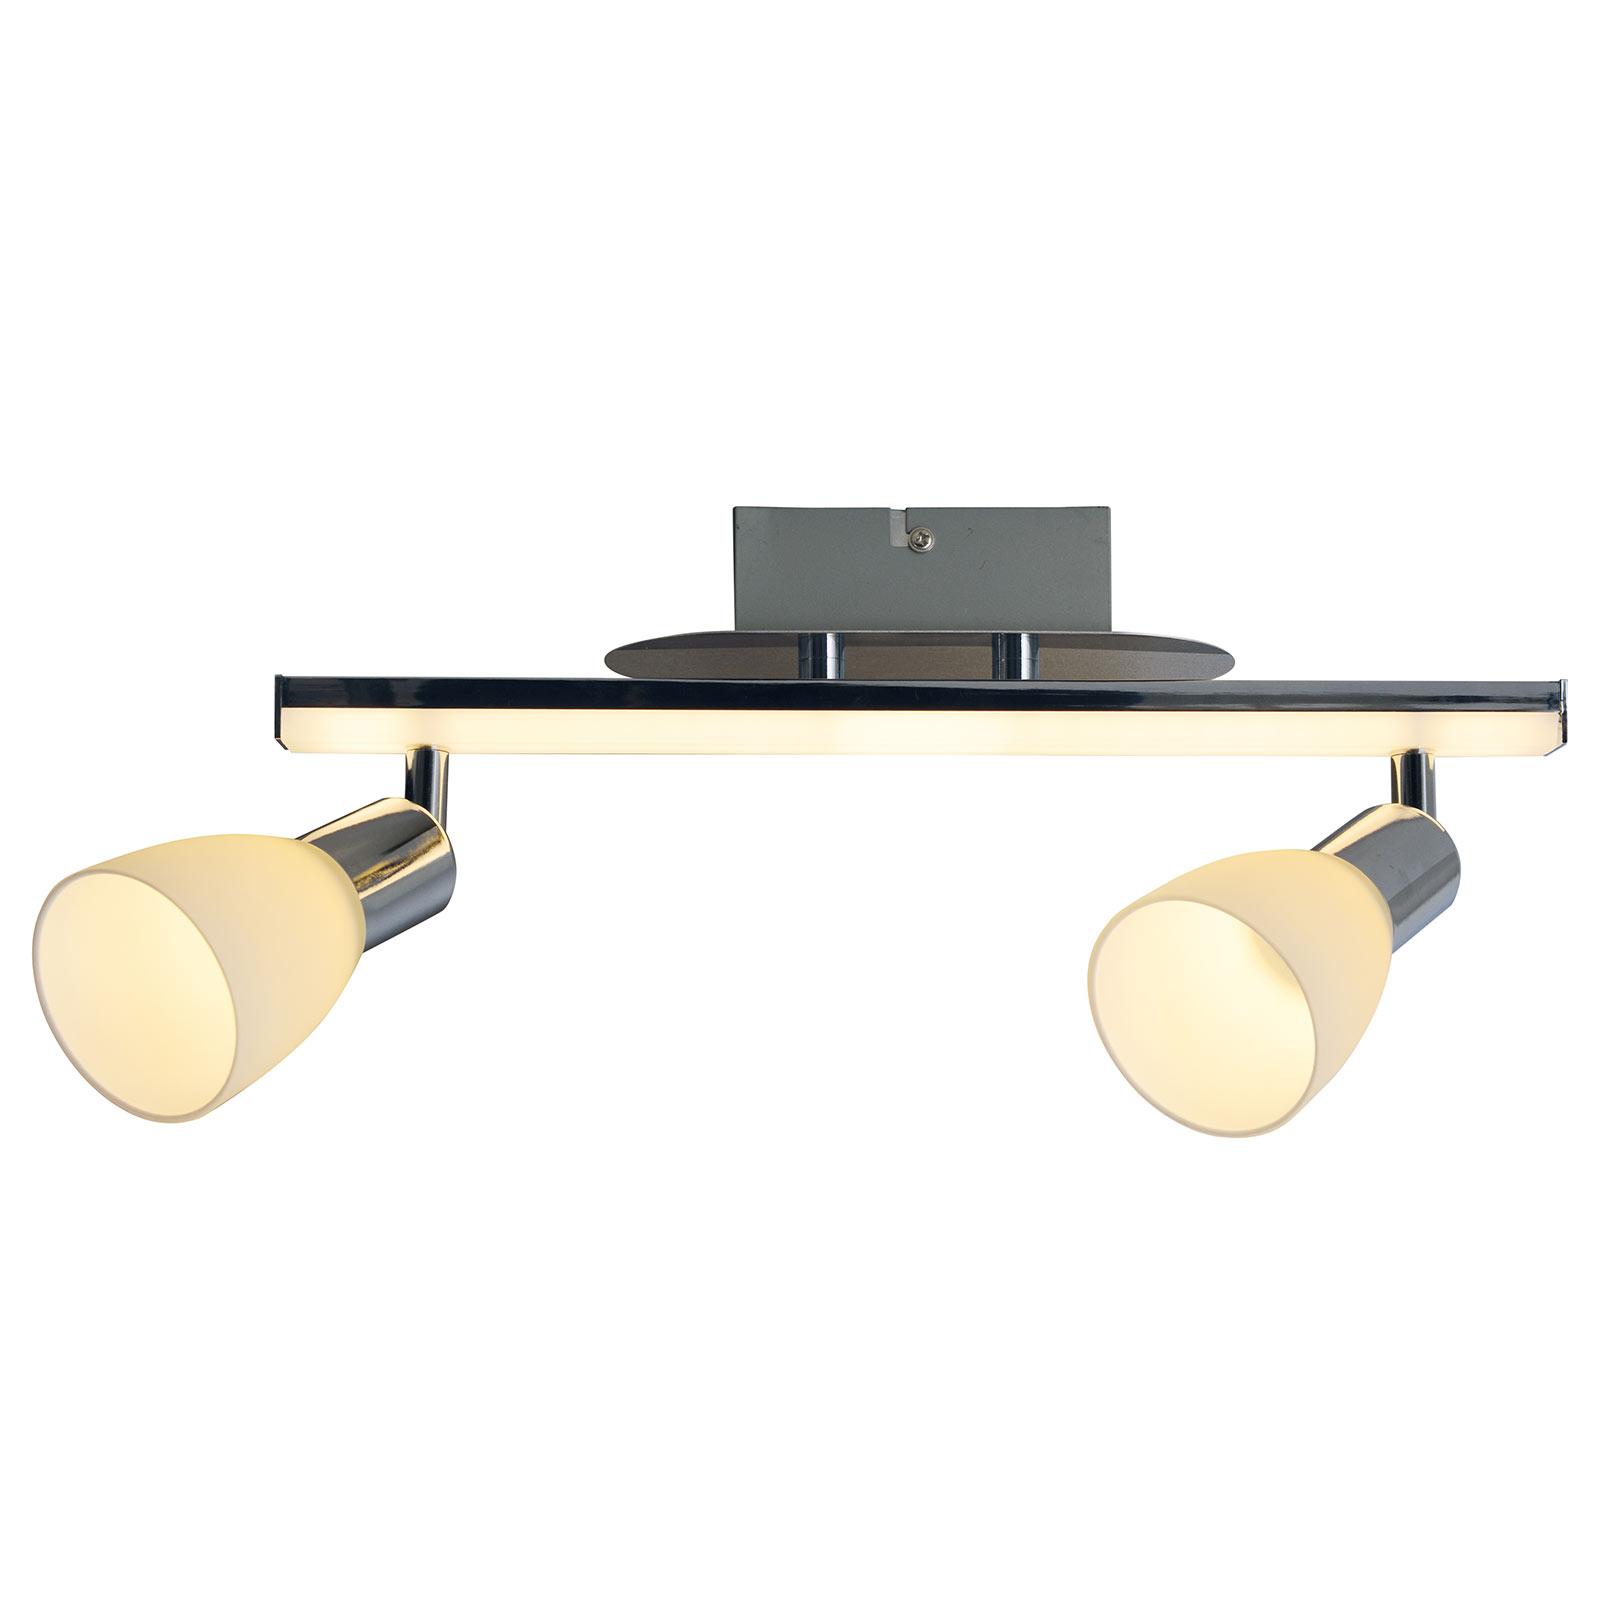 Ibiza LED-taklampe 2 lyskilder lengde 39 cm